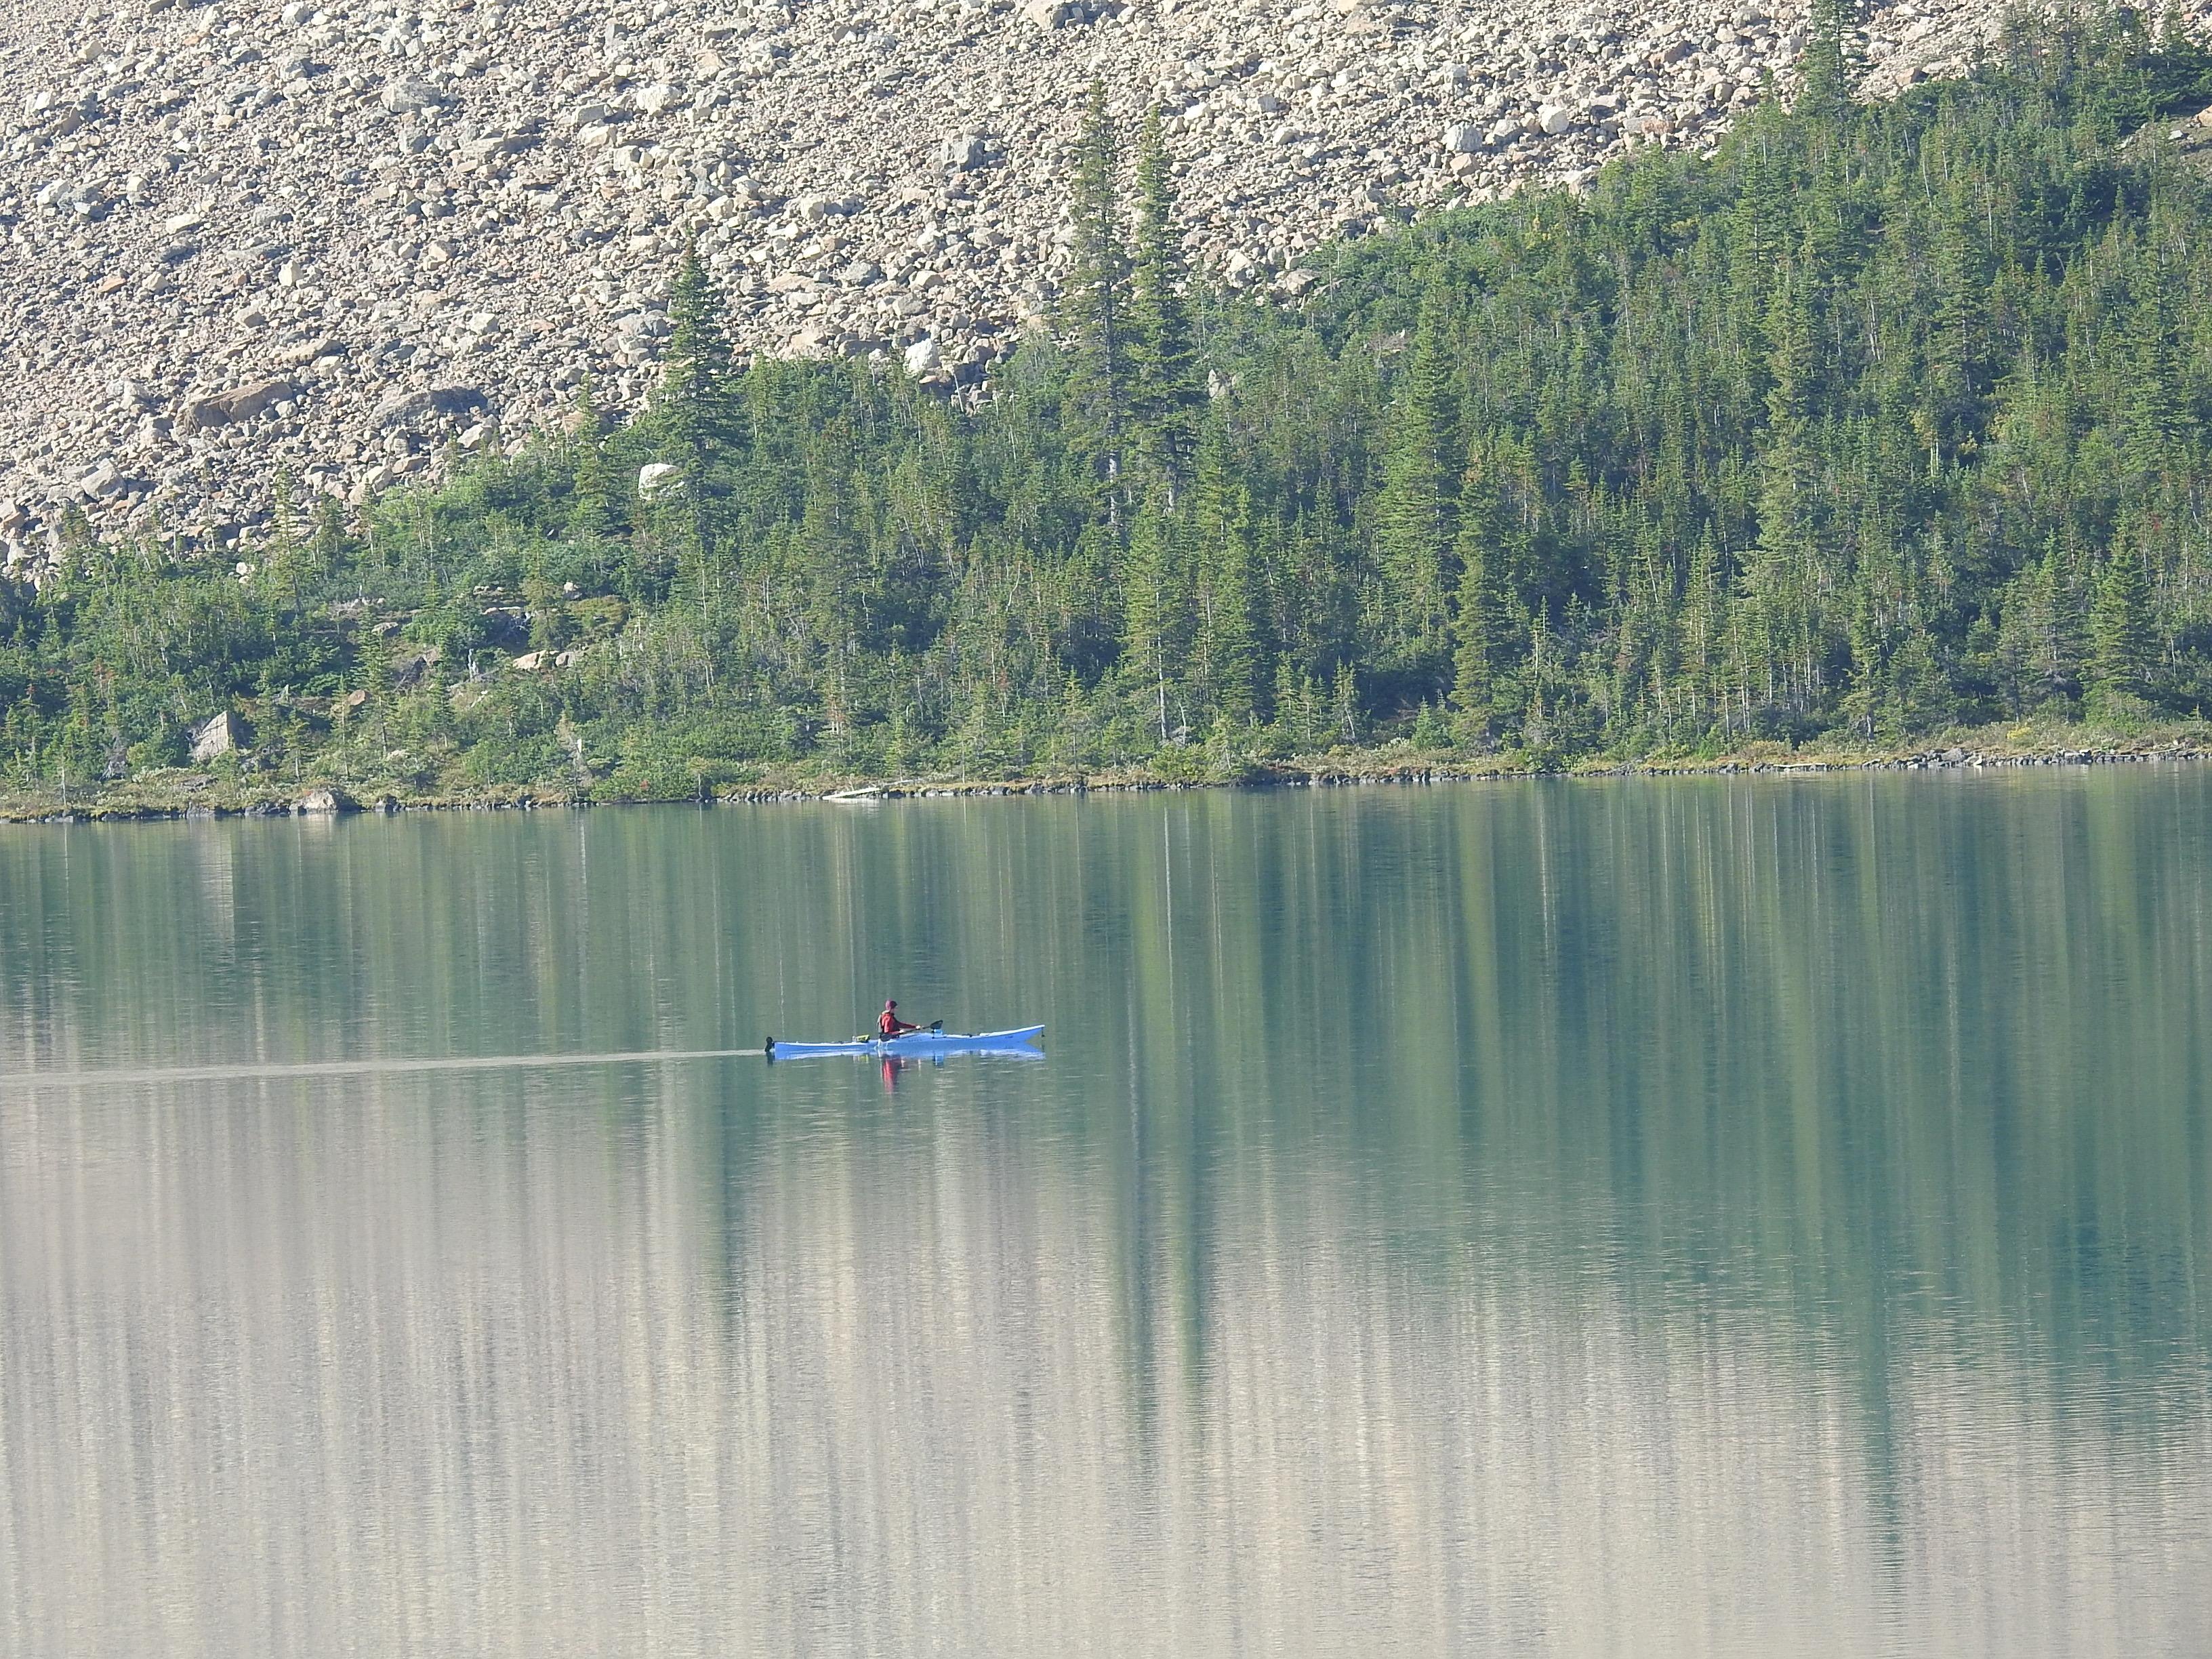 Kayak on Bow Lake